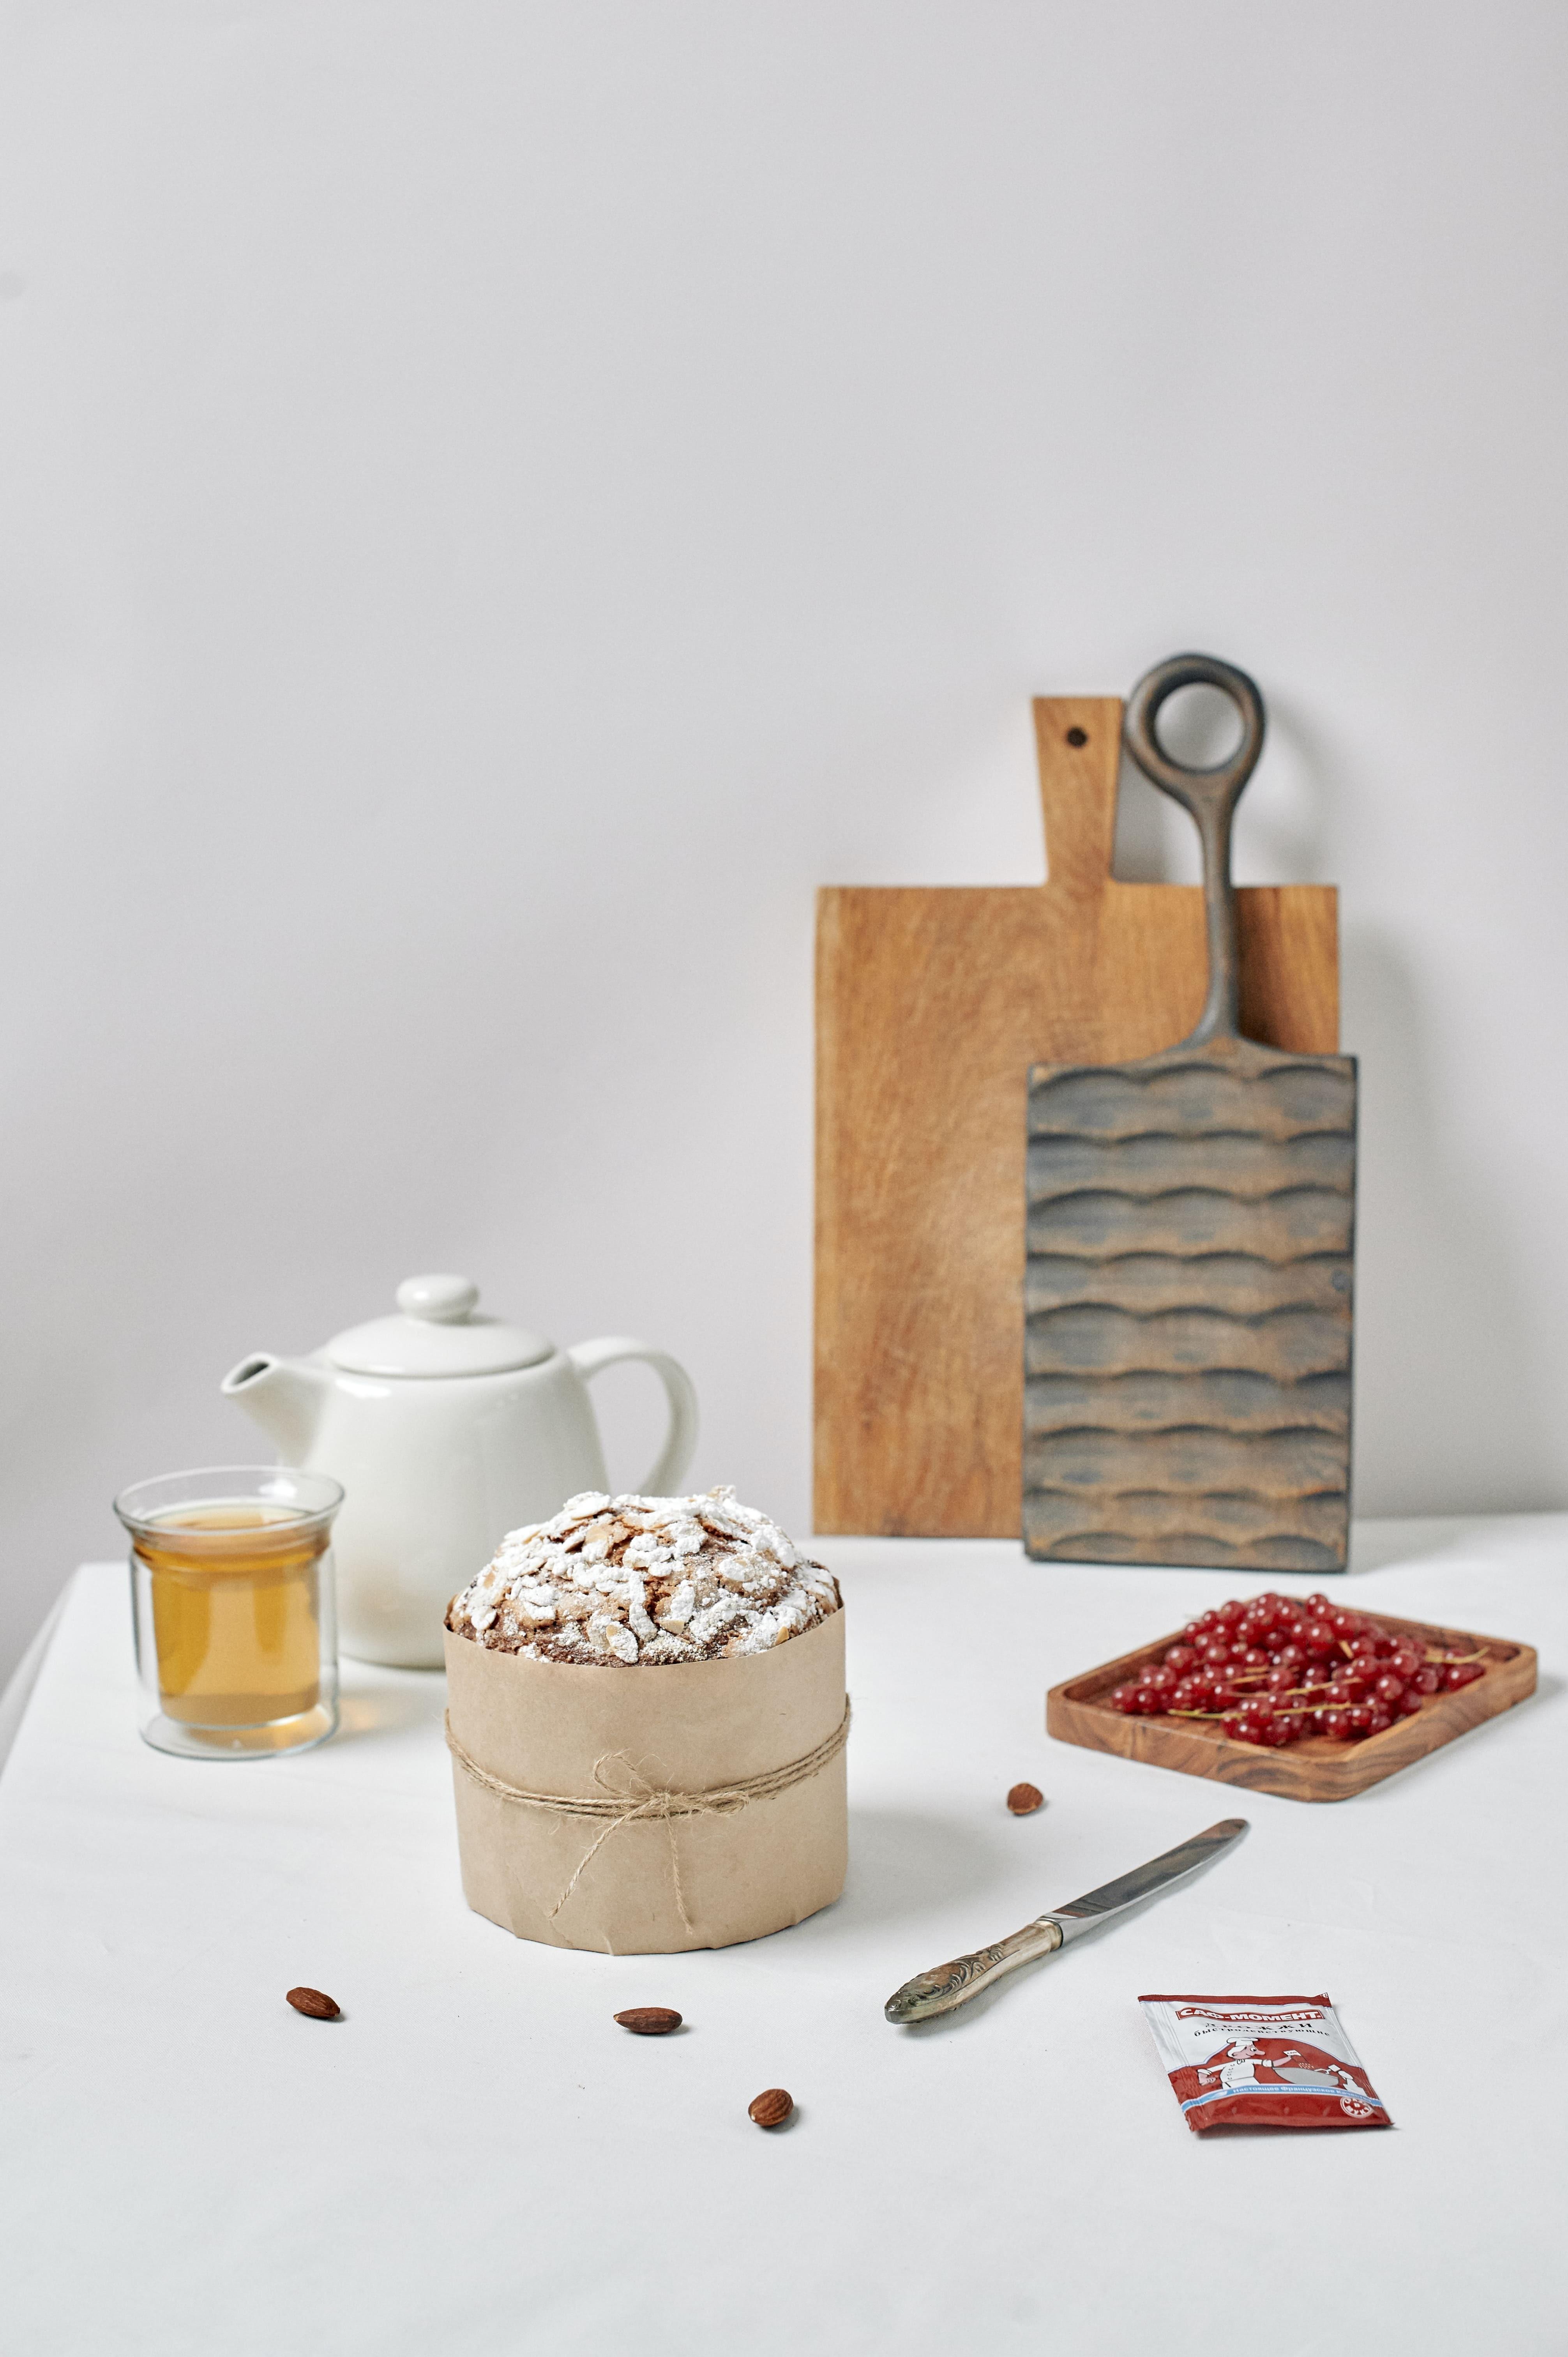 Пасхальная выпечка: 2 классных пошаговых рецепта